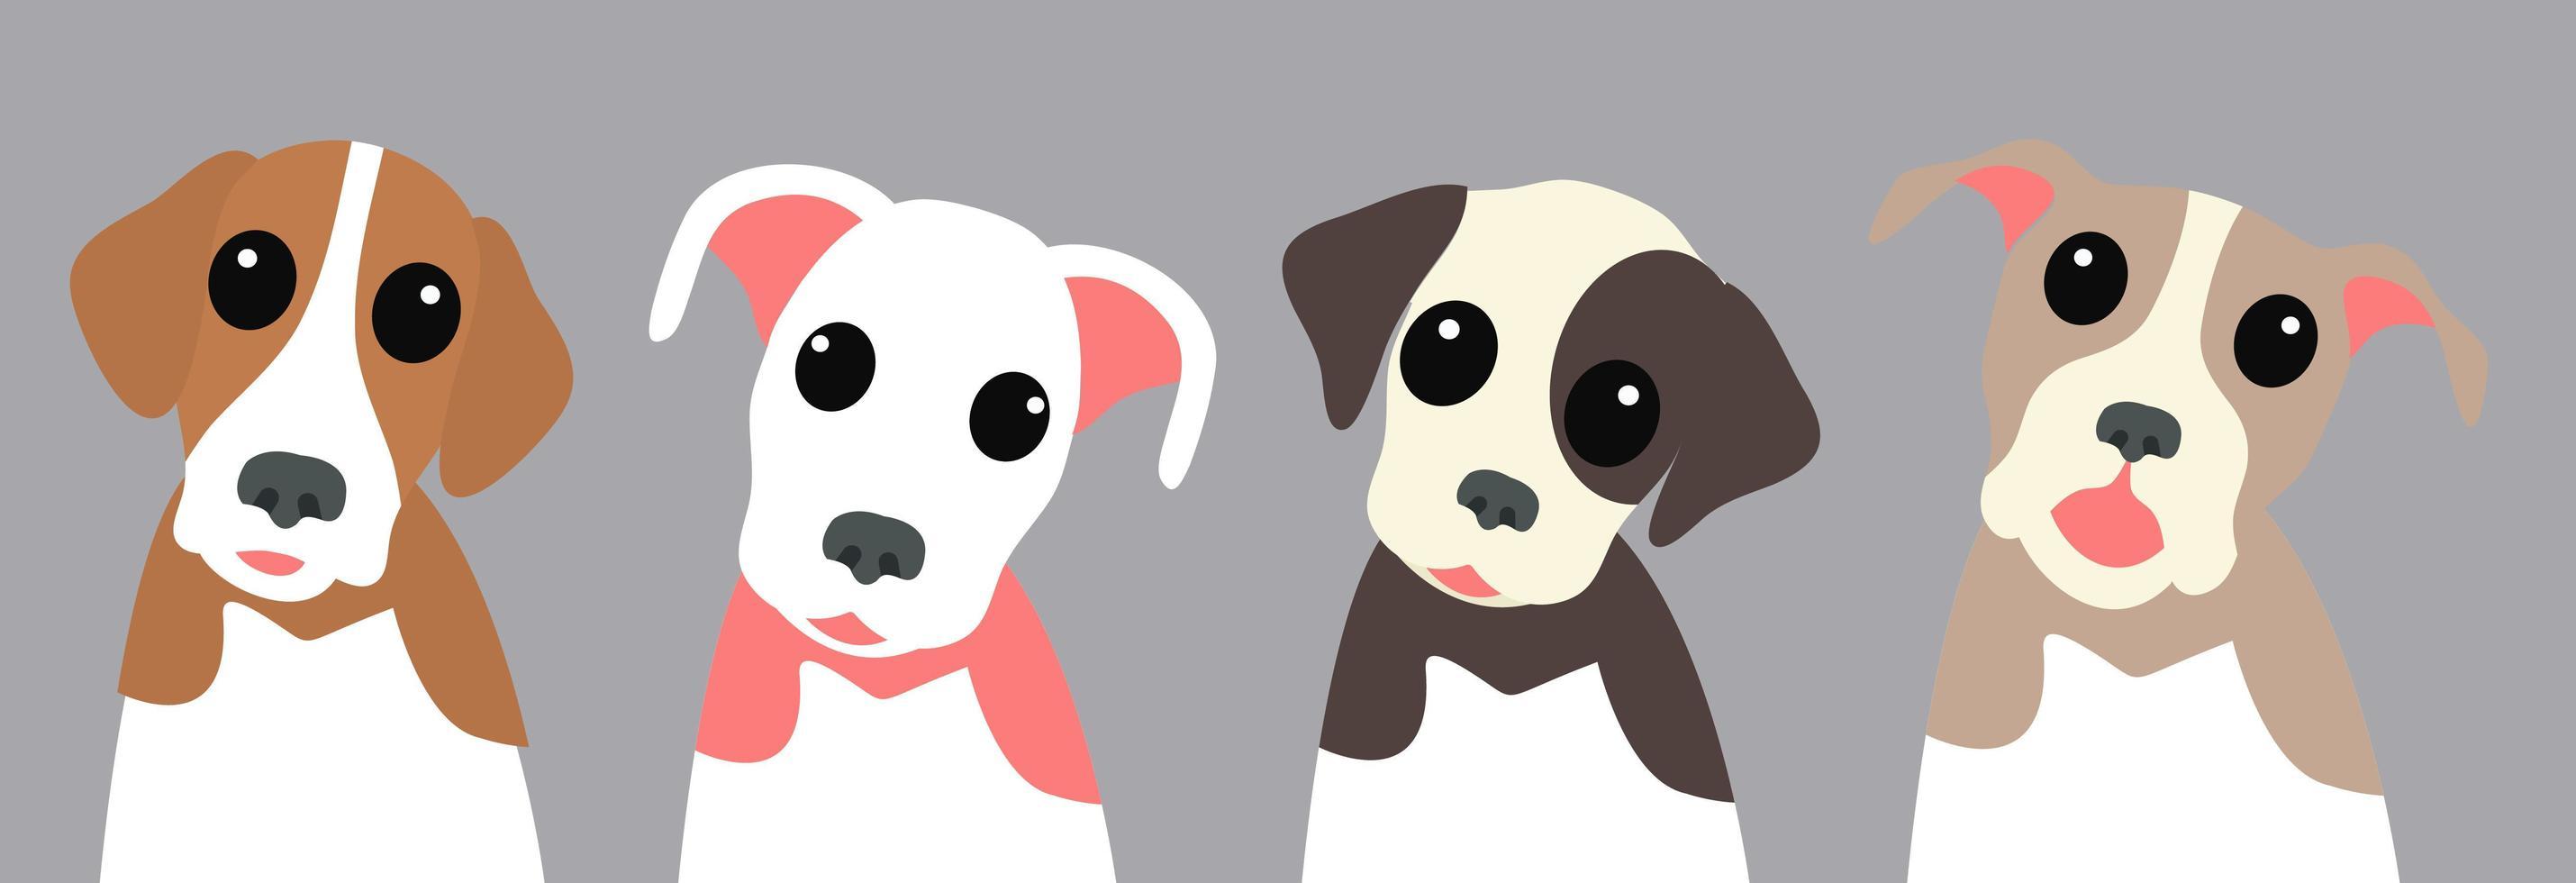 conjunto de quatro cachorros fofos inclinando a cabeça vetor